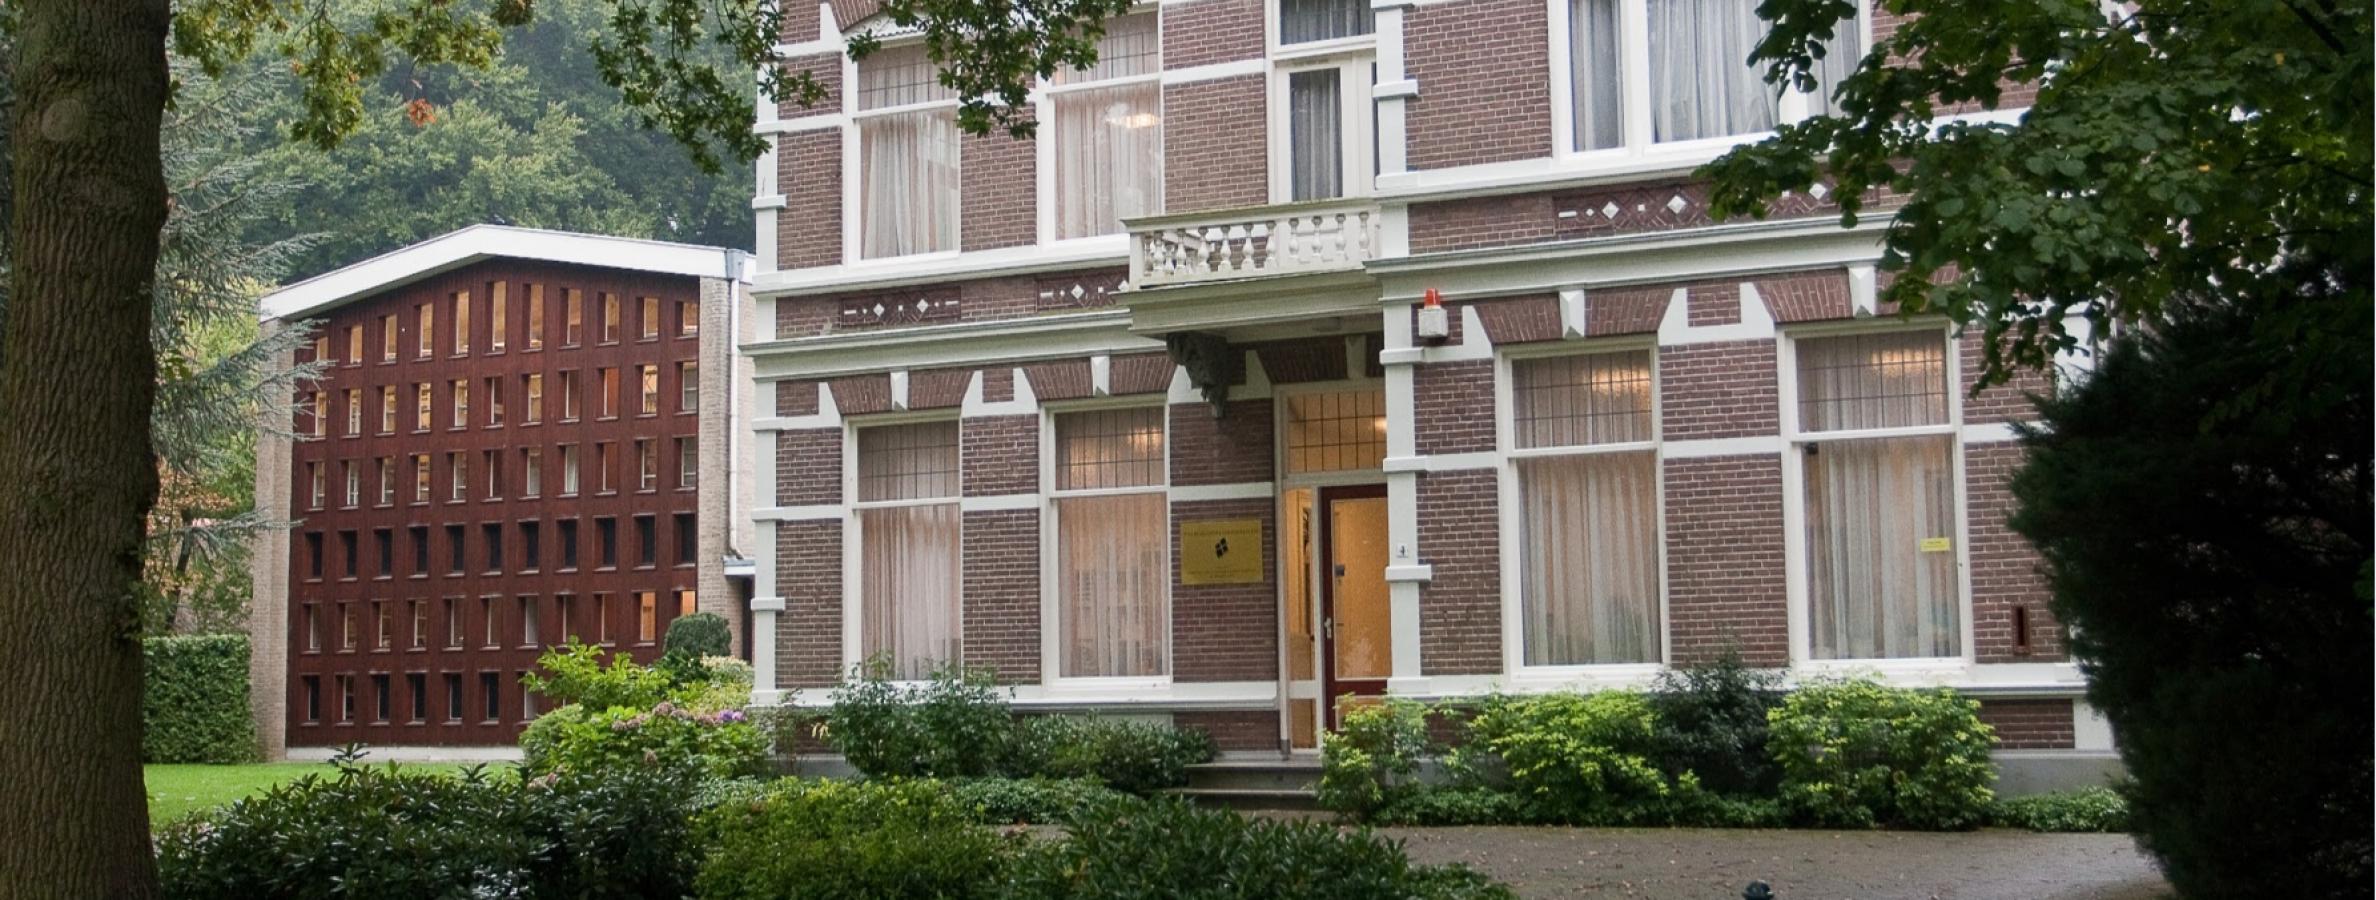 Image Prof. dr. W. van 't Spijker overleden